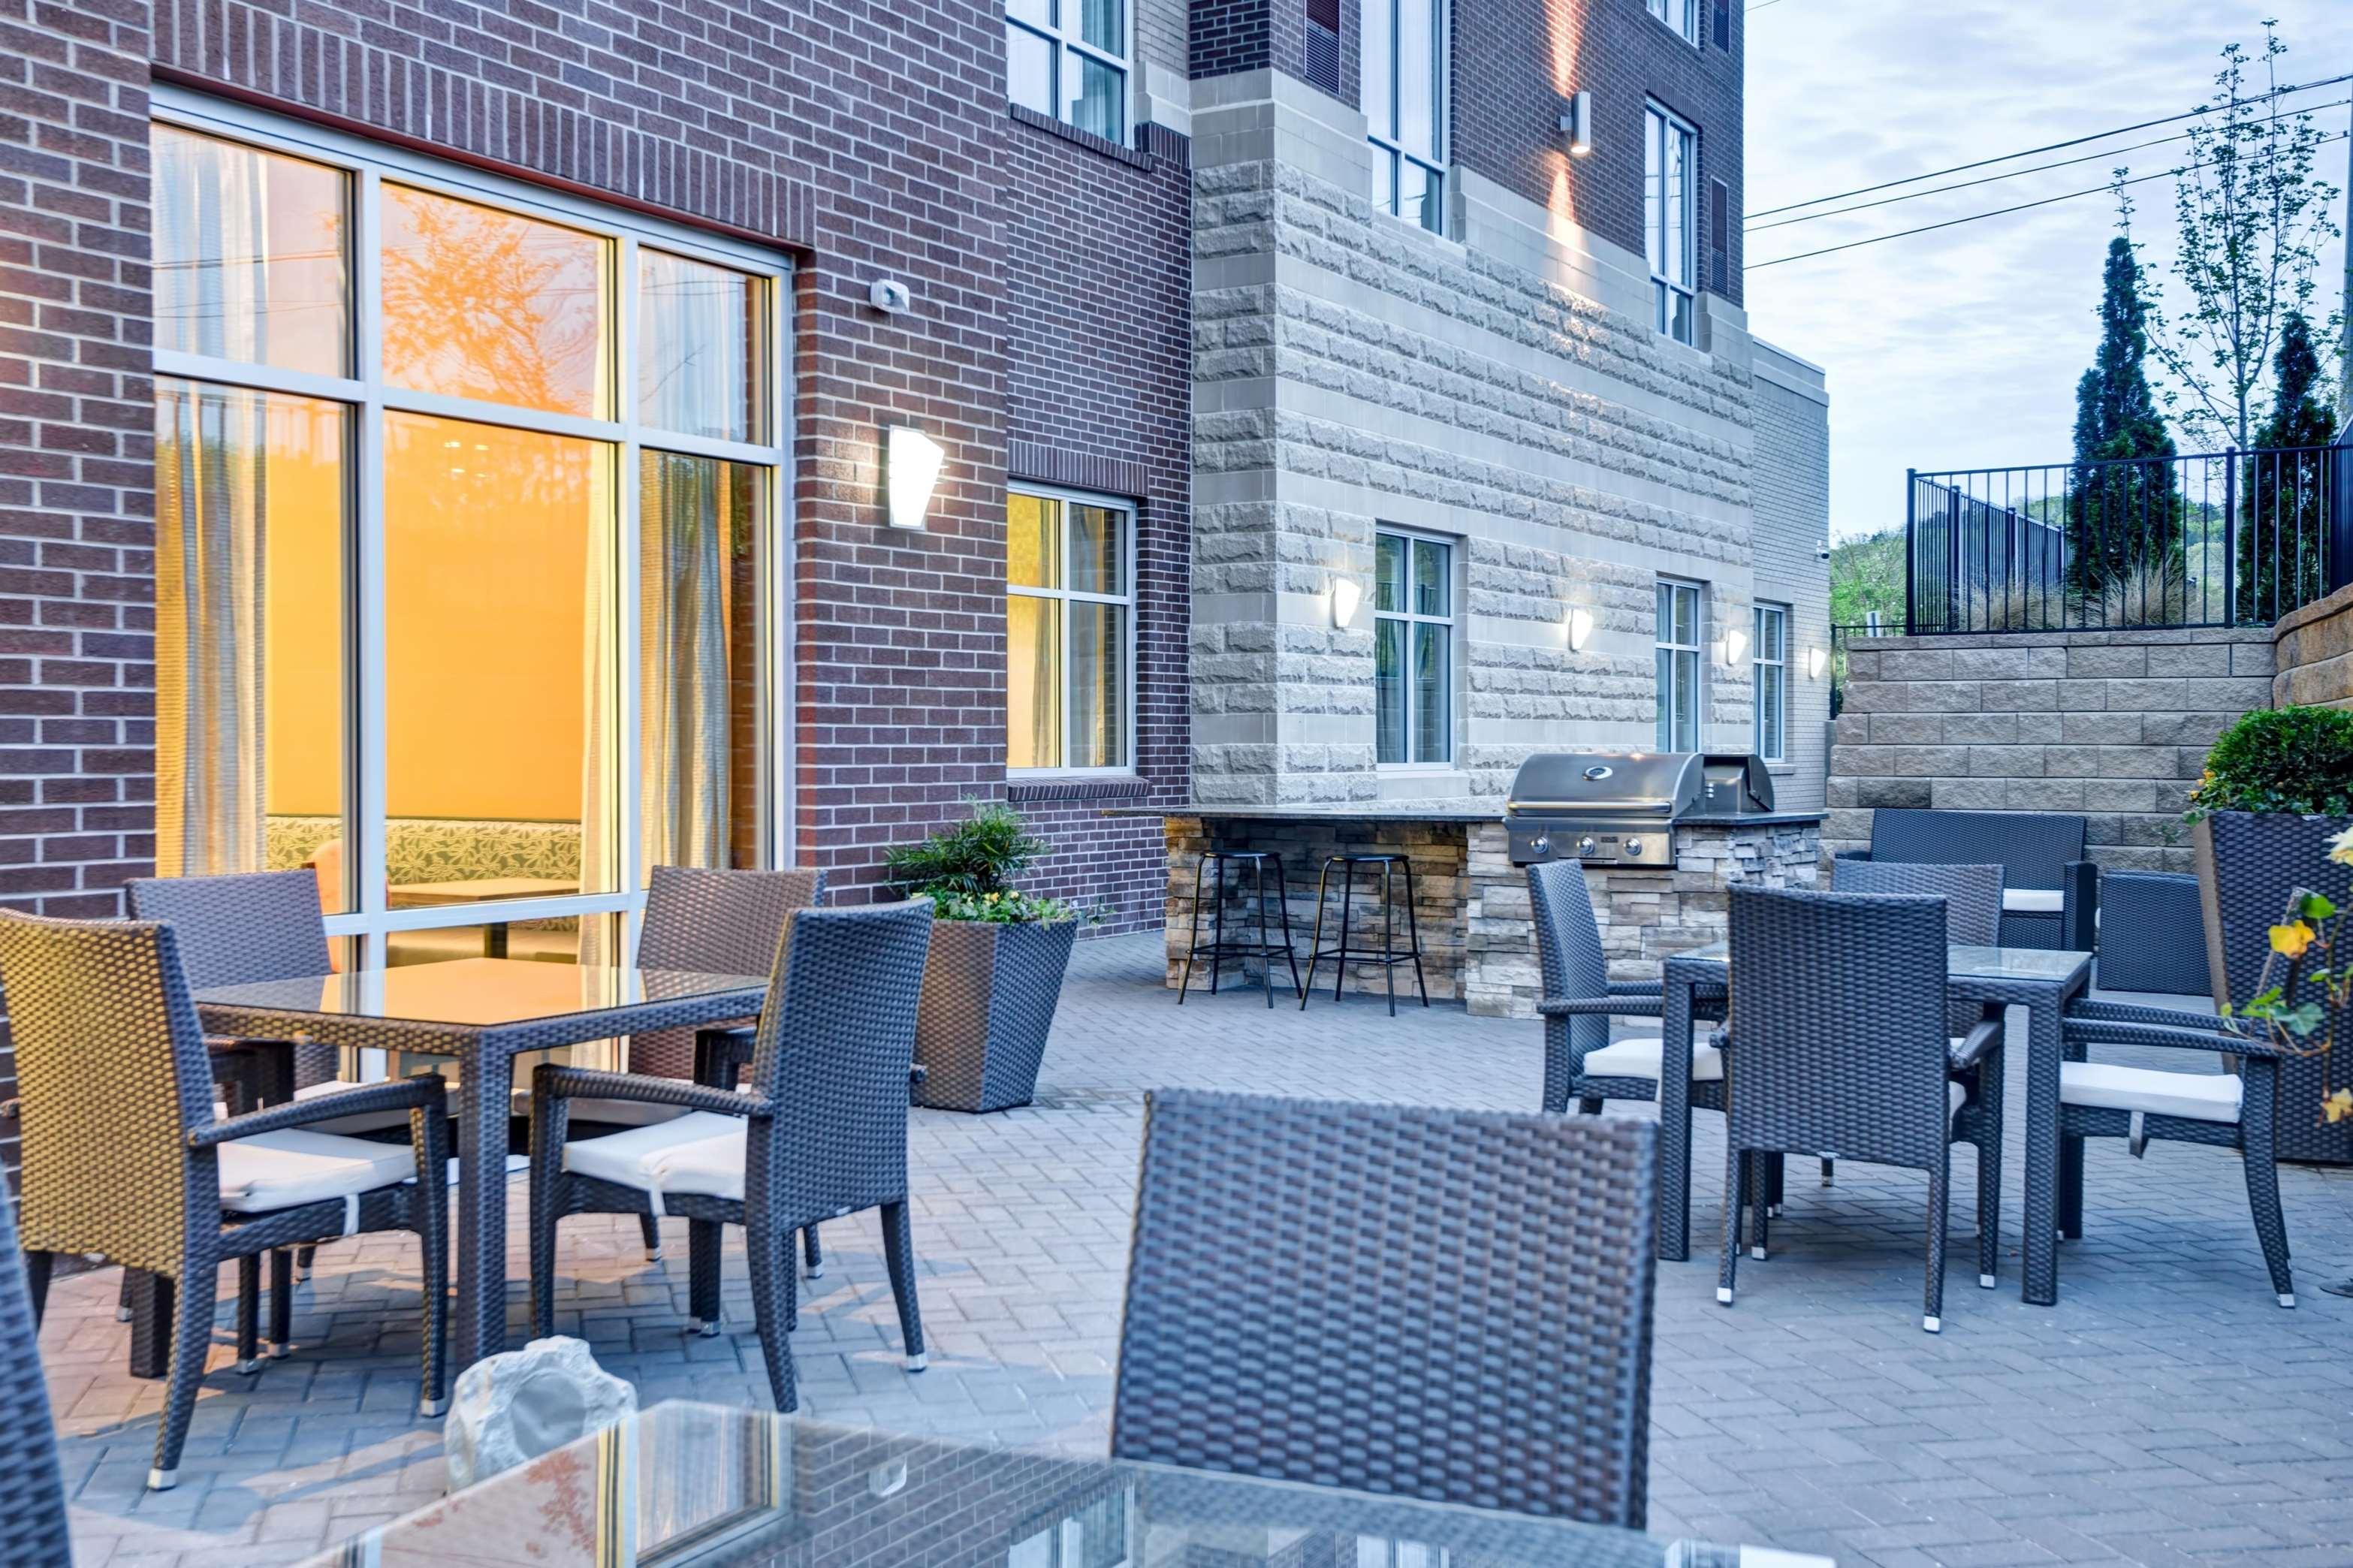 Homewood Suites by Hilton Nashville Franklin Cool Springs image 20